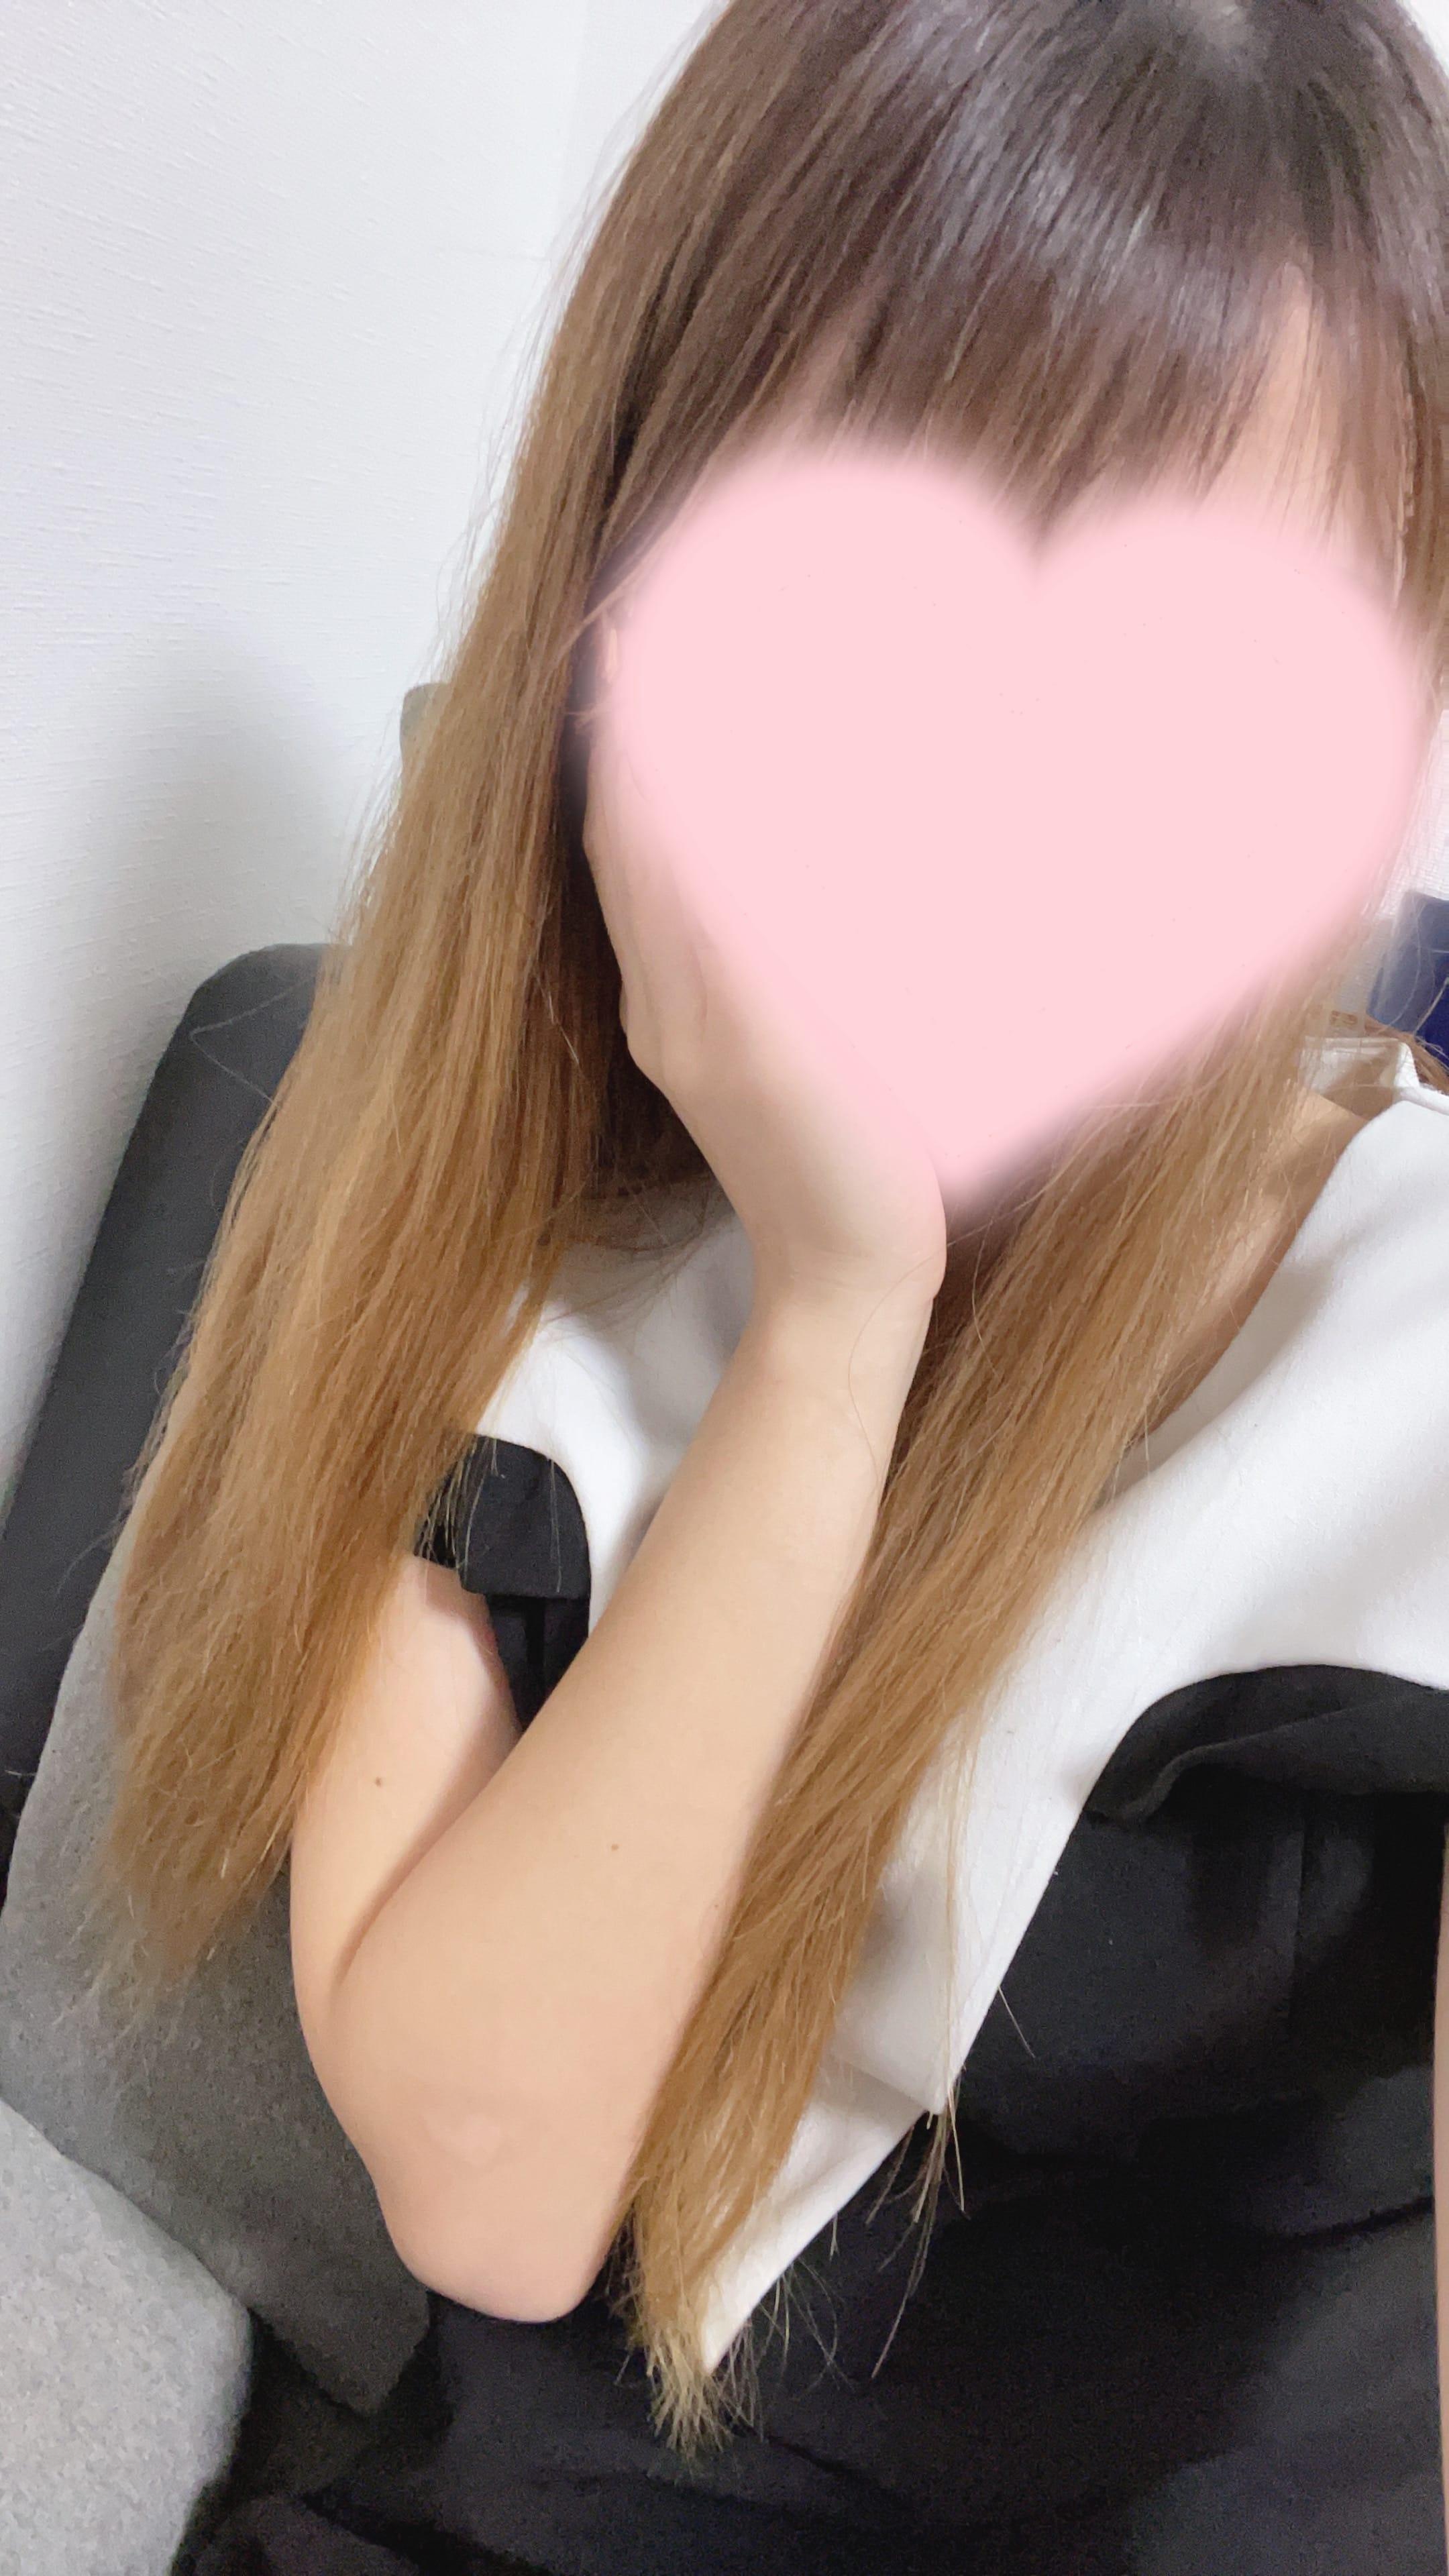 「出勤してます!」10/15(金) 20:46   一華-ICHIKA-の写メ日記